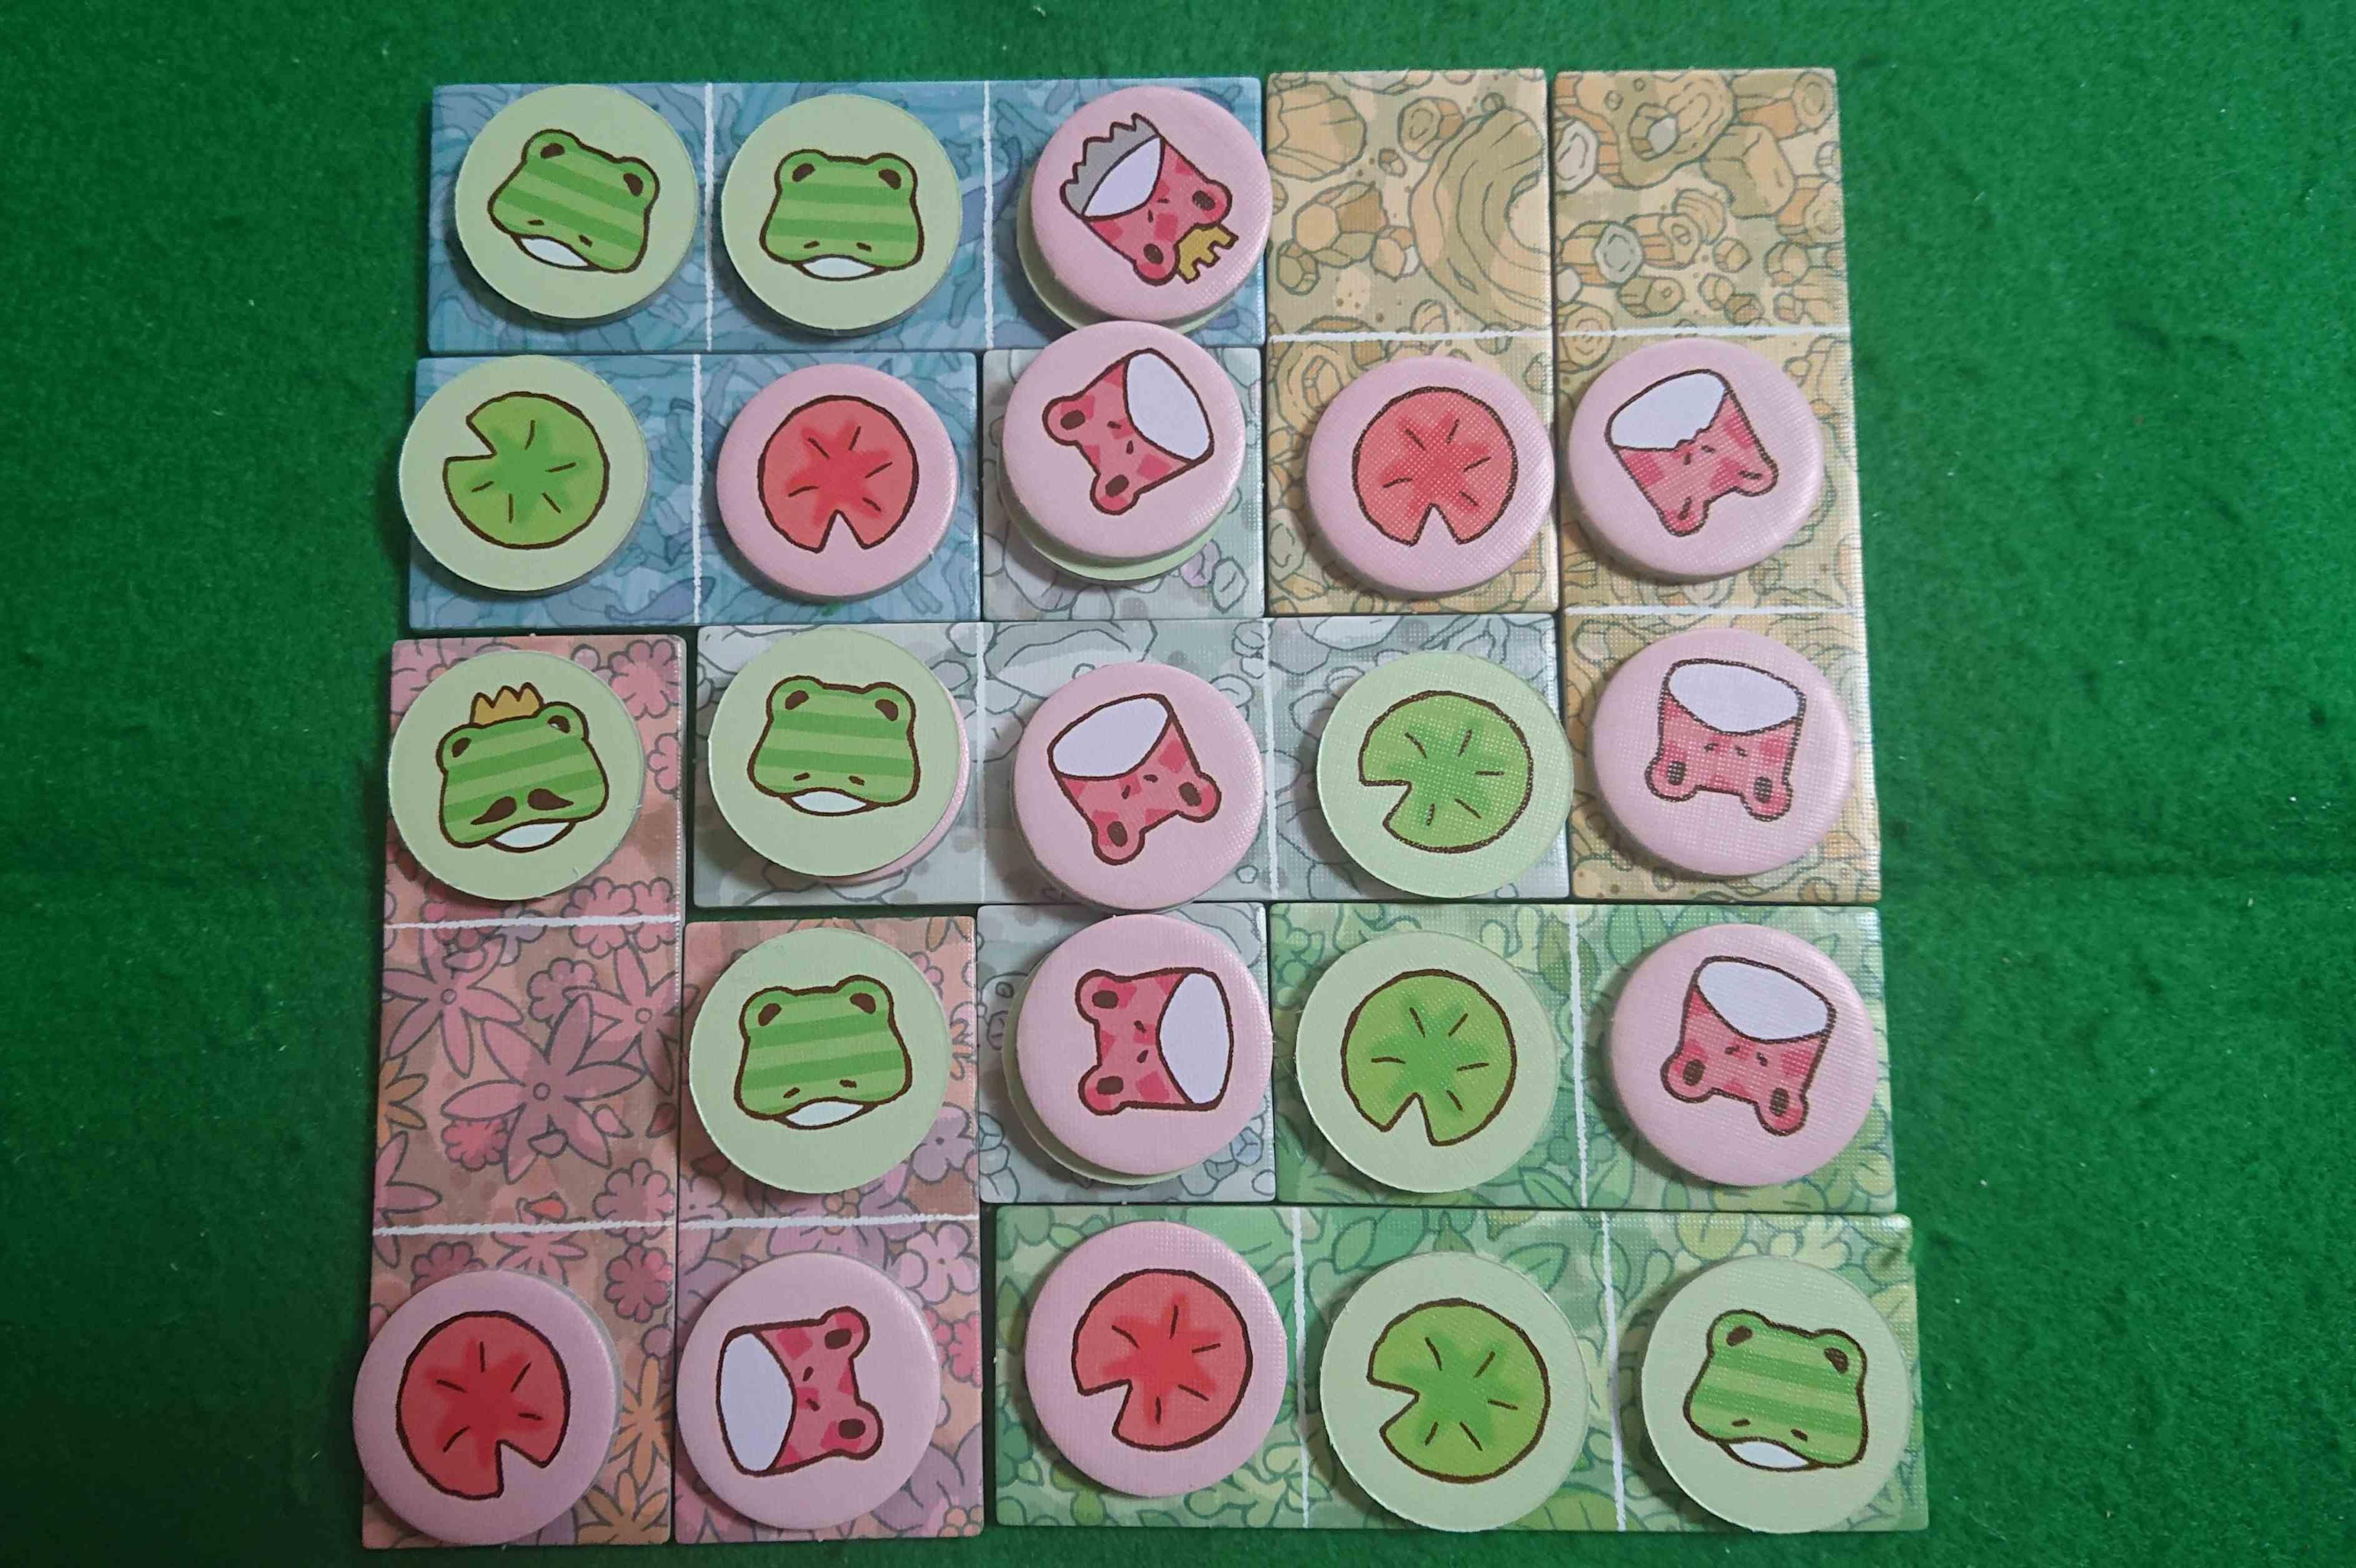 カエルの王国 見た目は可愛いカエルたち でも・・・かなりガチのアブストラクト ボードゲーム